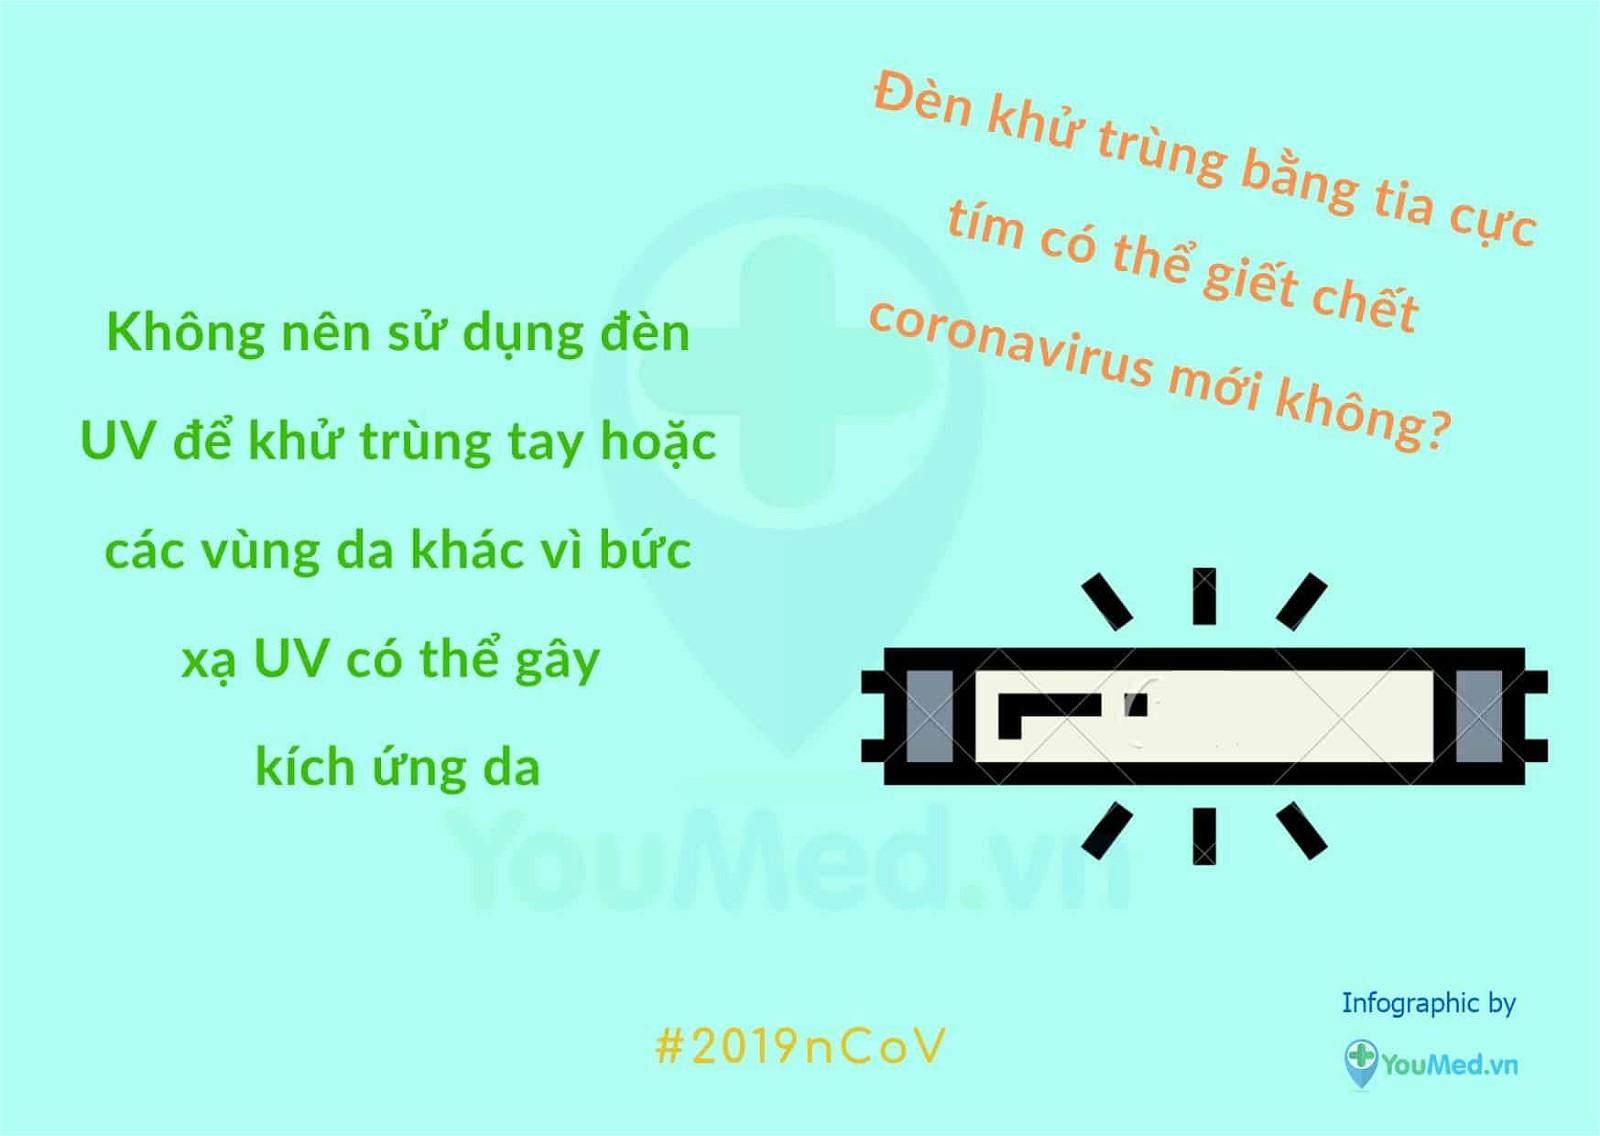 Infographic: Giải đáp thắc mắc về bệnh Covid-19 từ WHO bằng hình ảnh